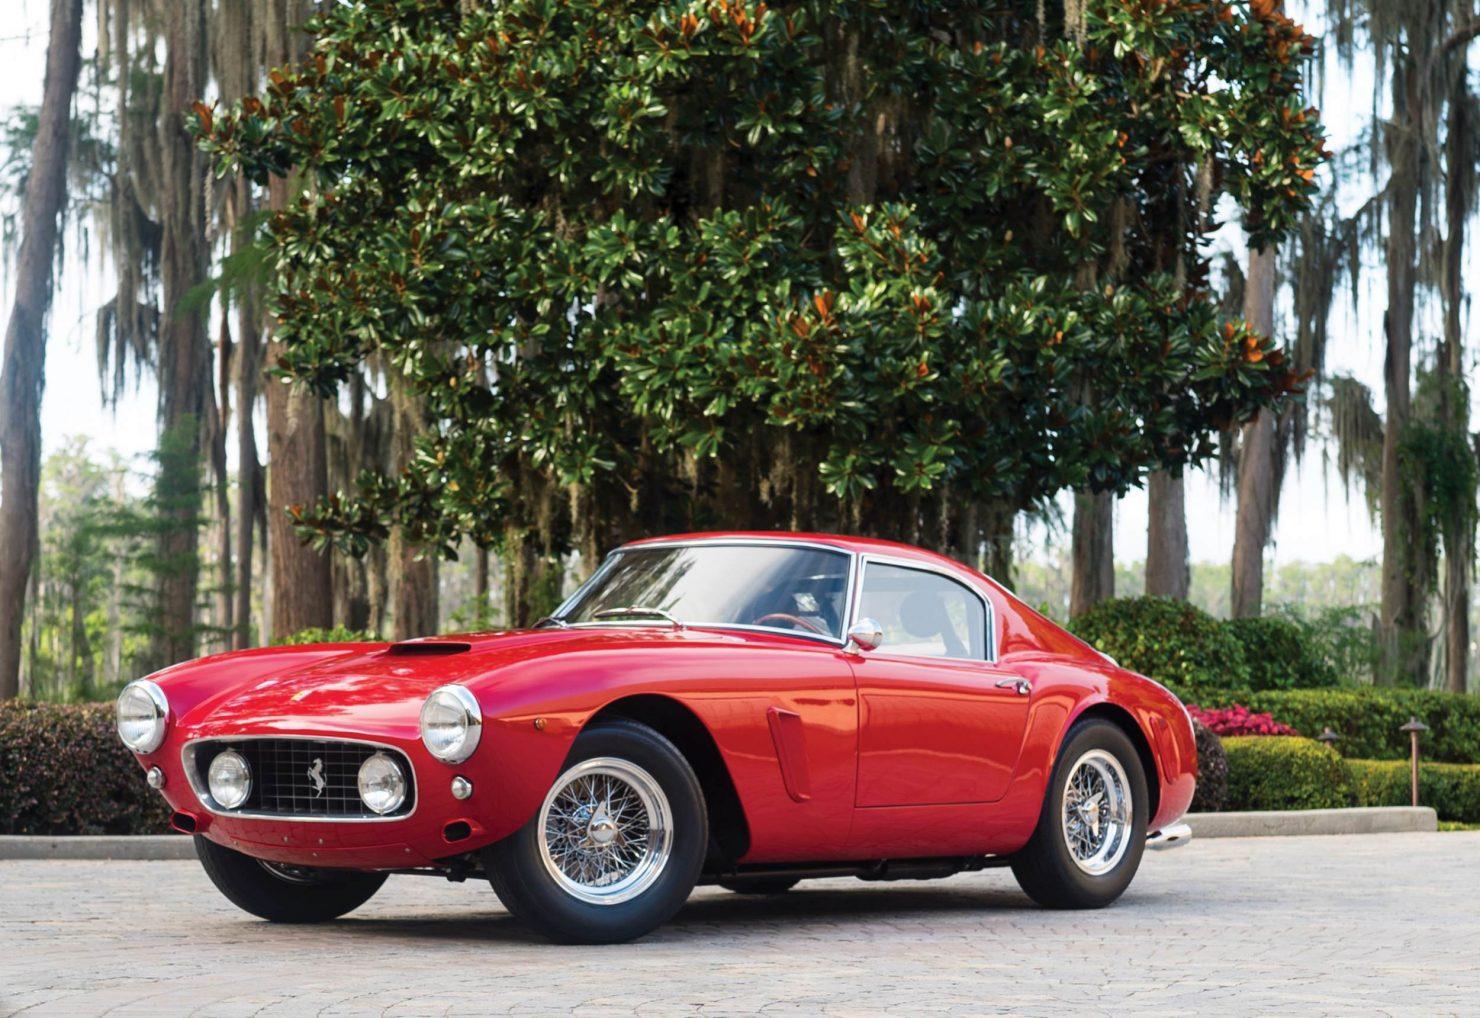 ferrari 250 gt swb car 20 1480x1018 - 1960 Ferrari 250 GT SWB Competizione